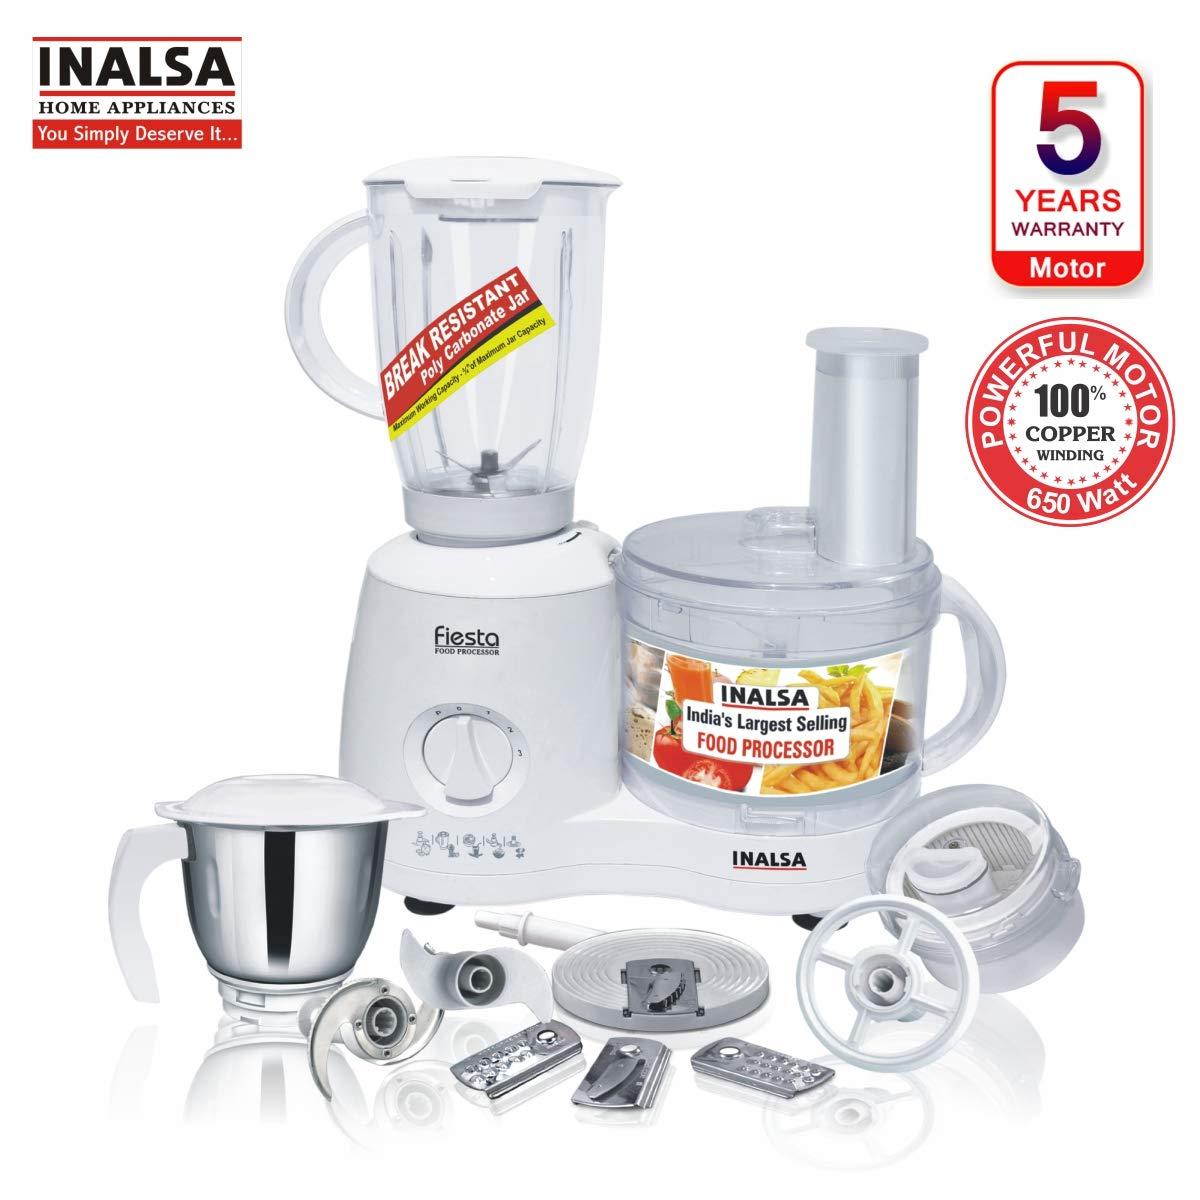 Inalsa Food Processor Fiesta 650-Watt